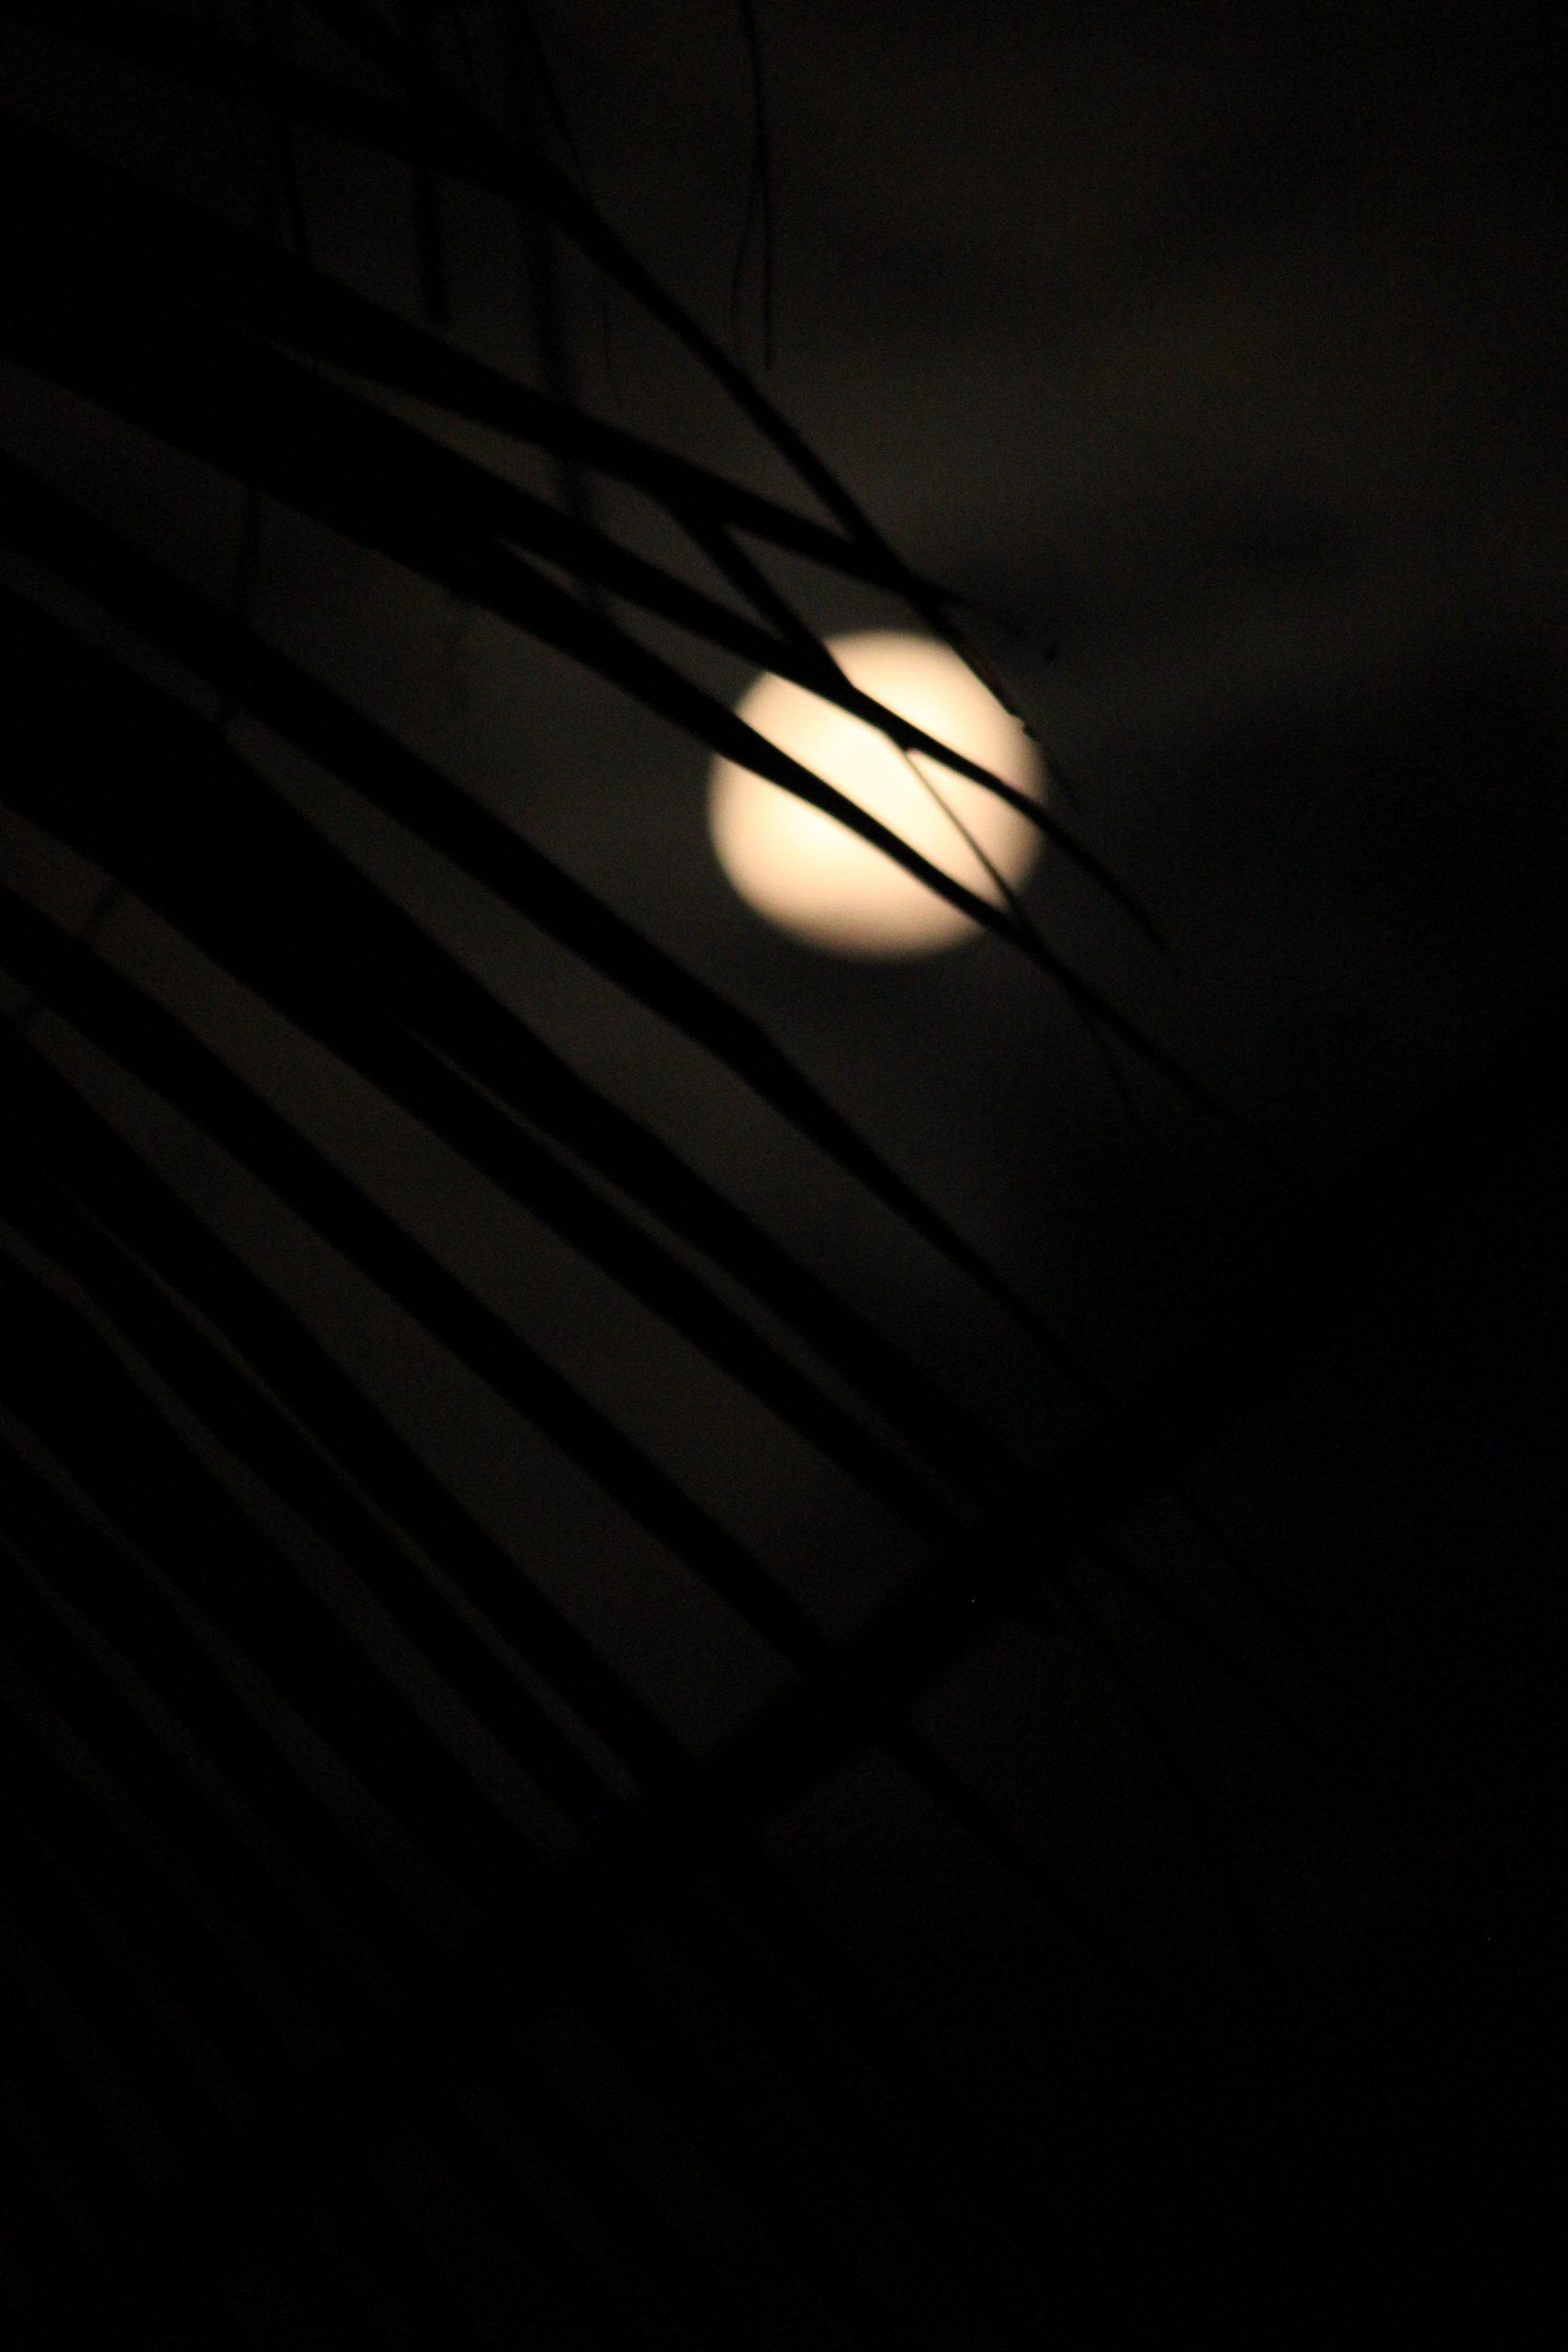 Night moon behind leaves